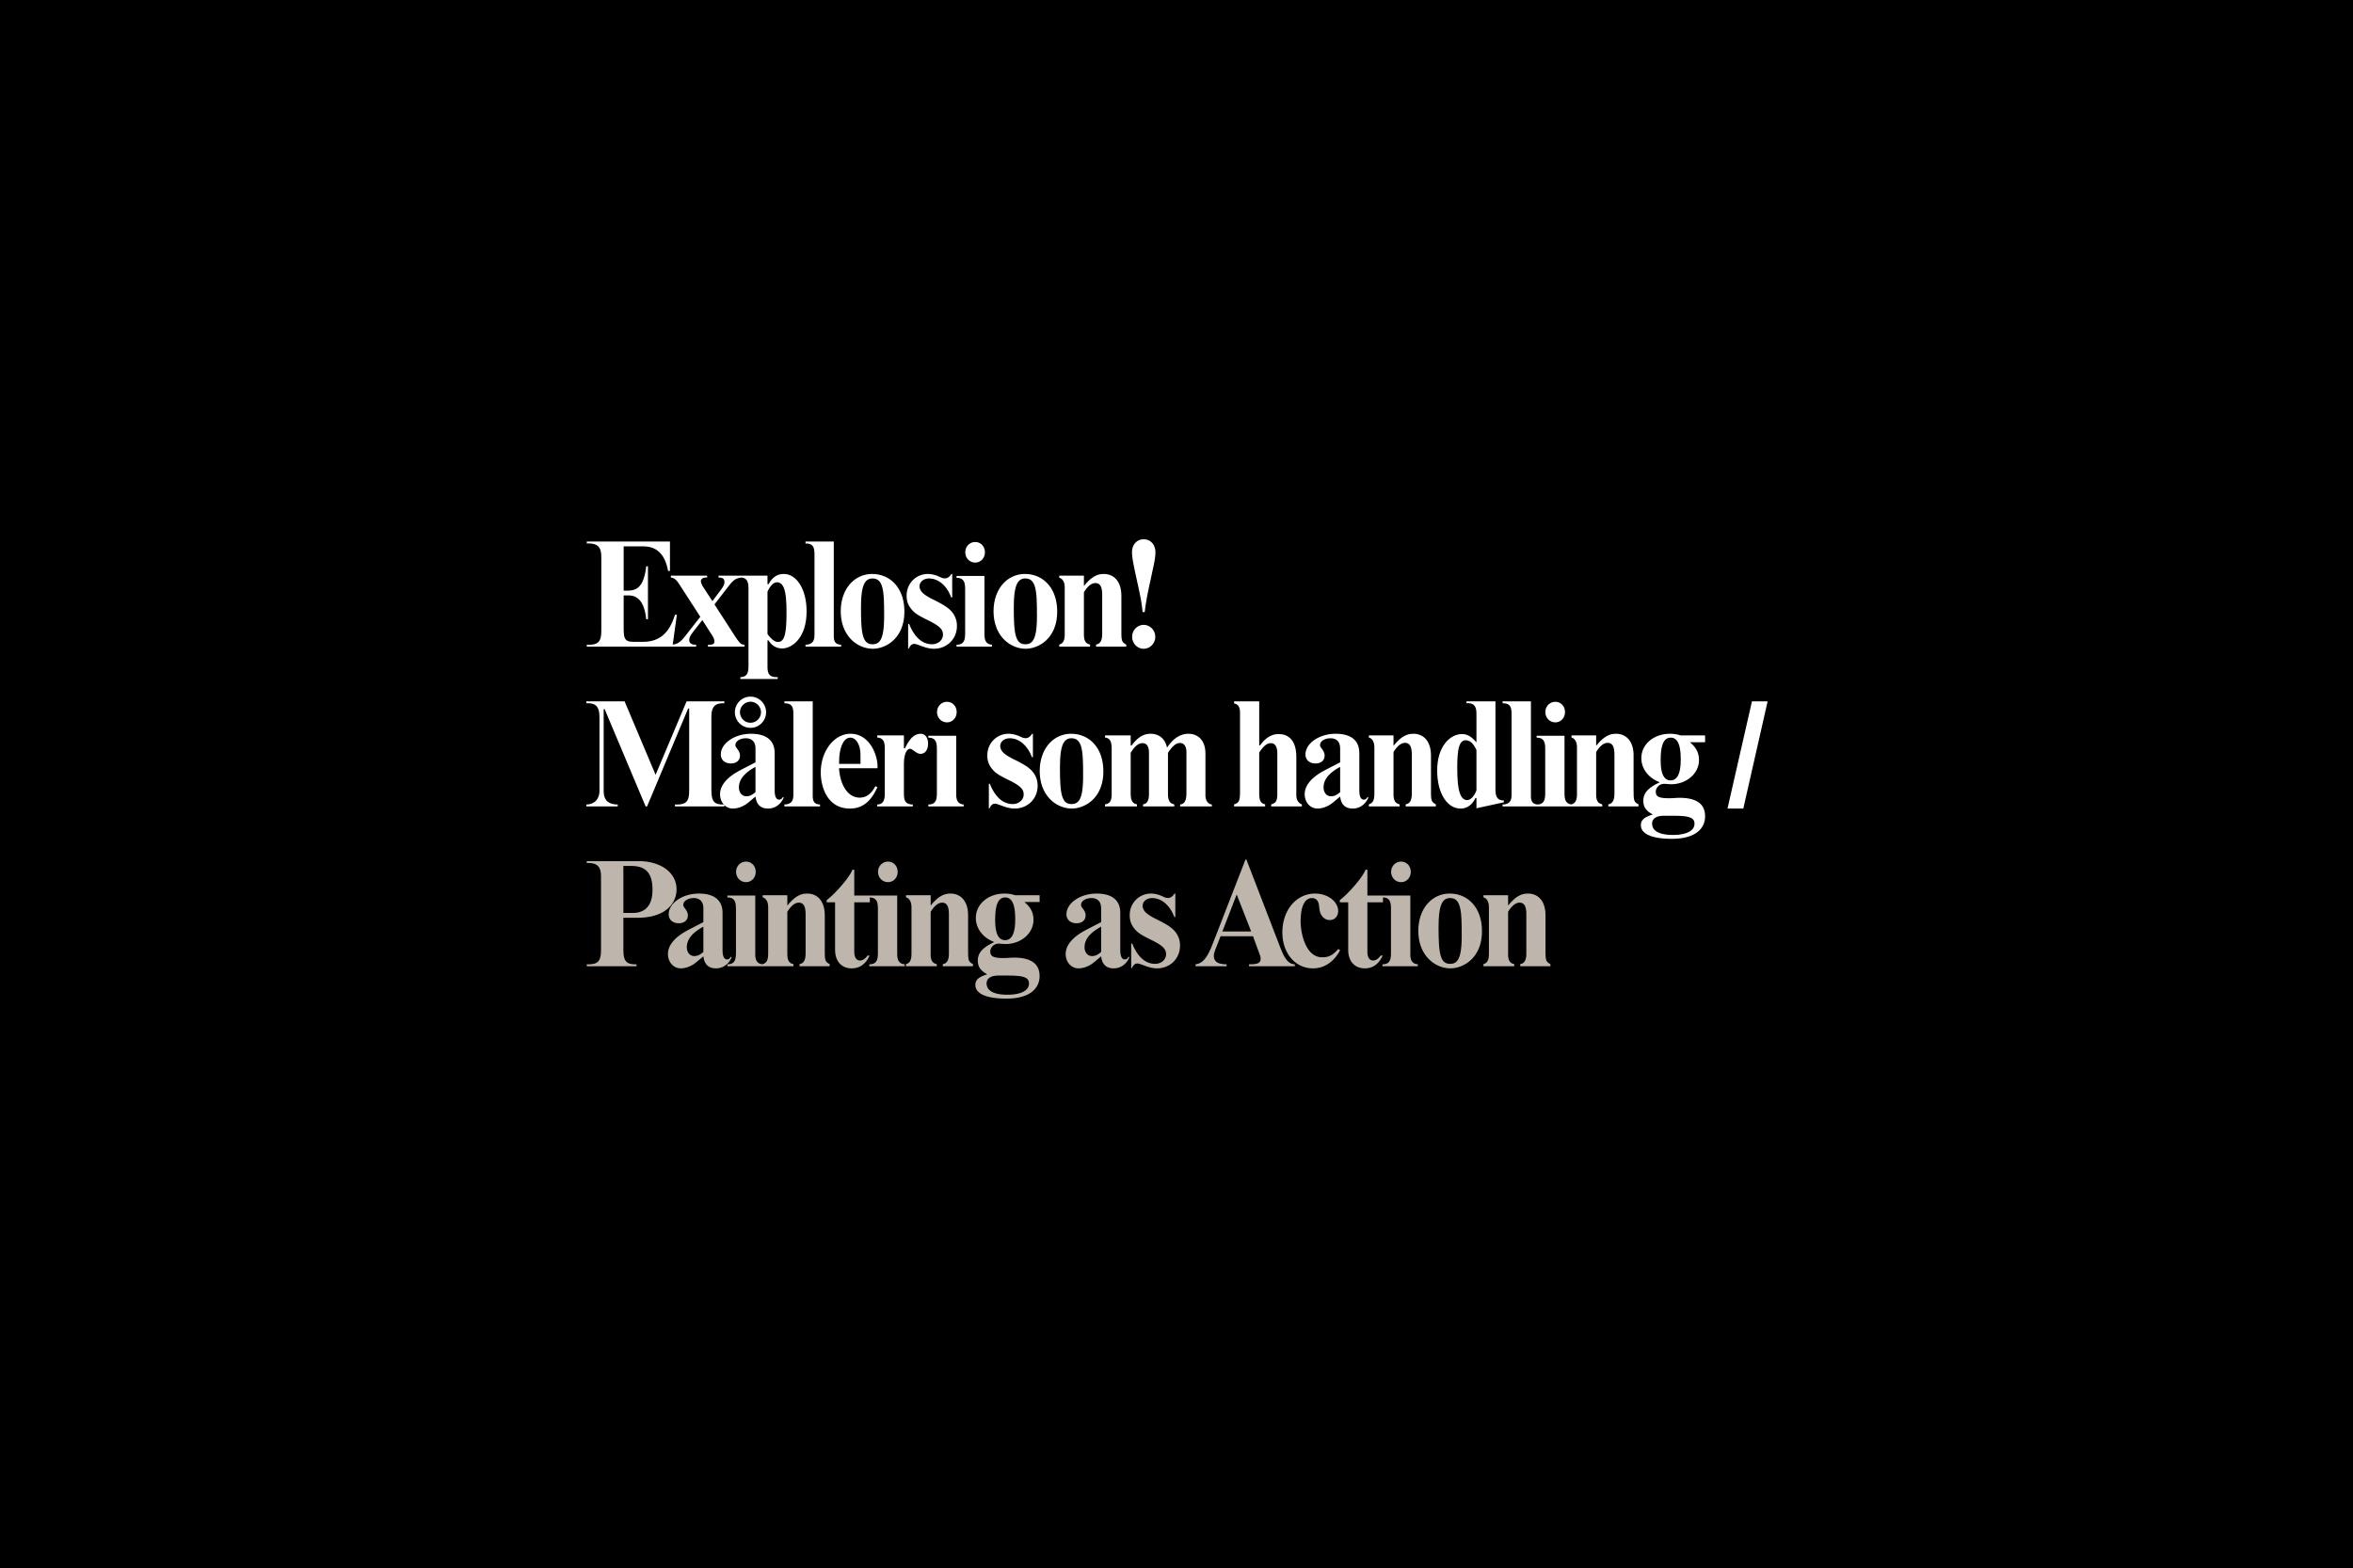 MM_explosion.jpg